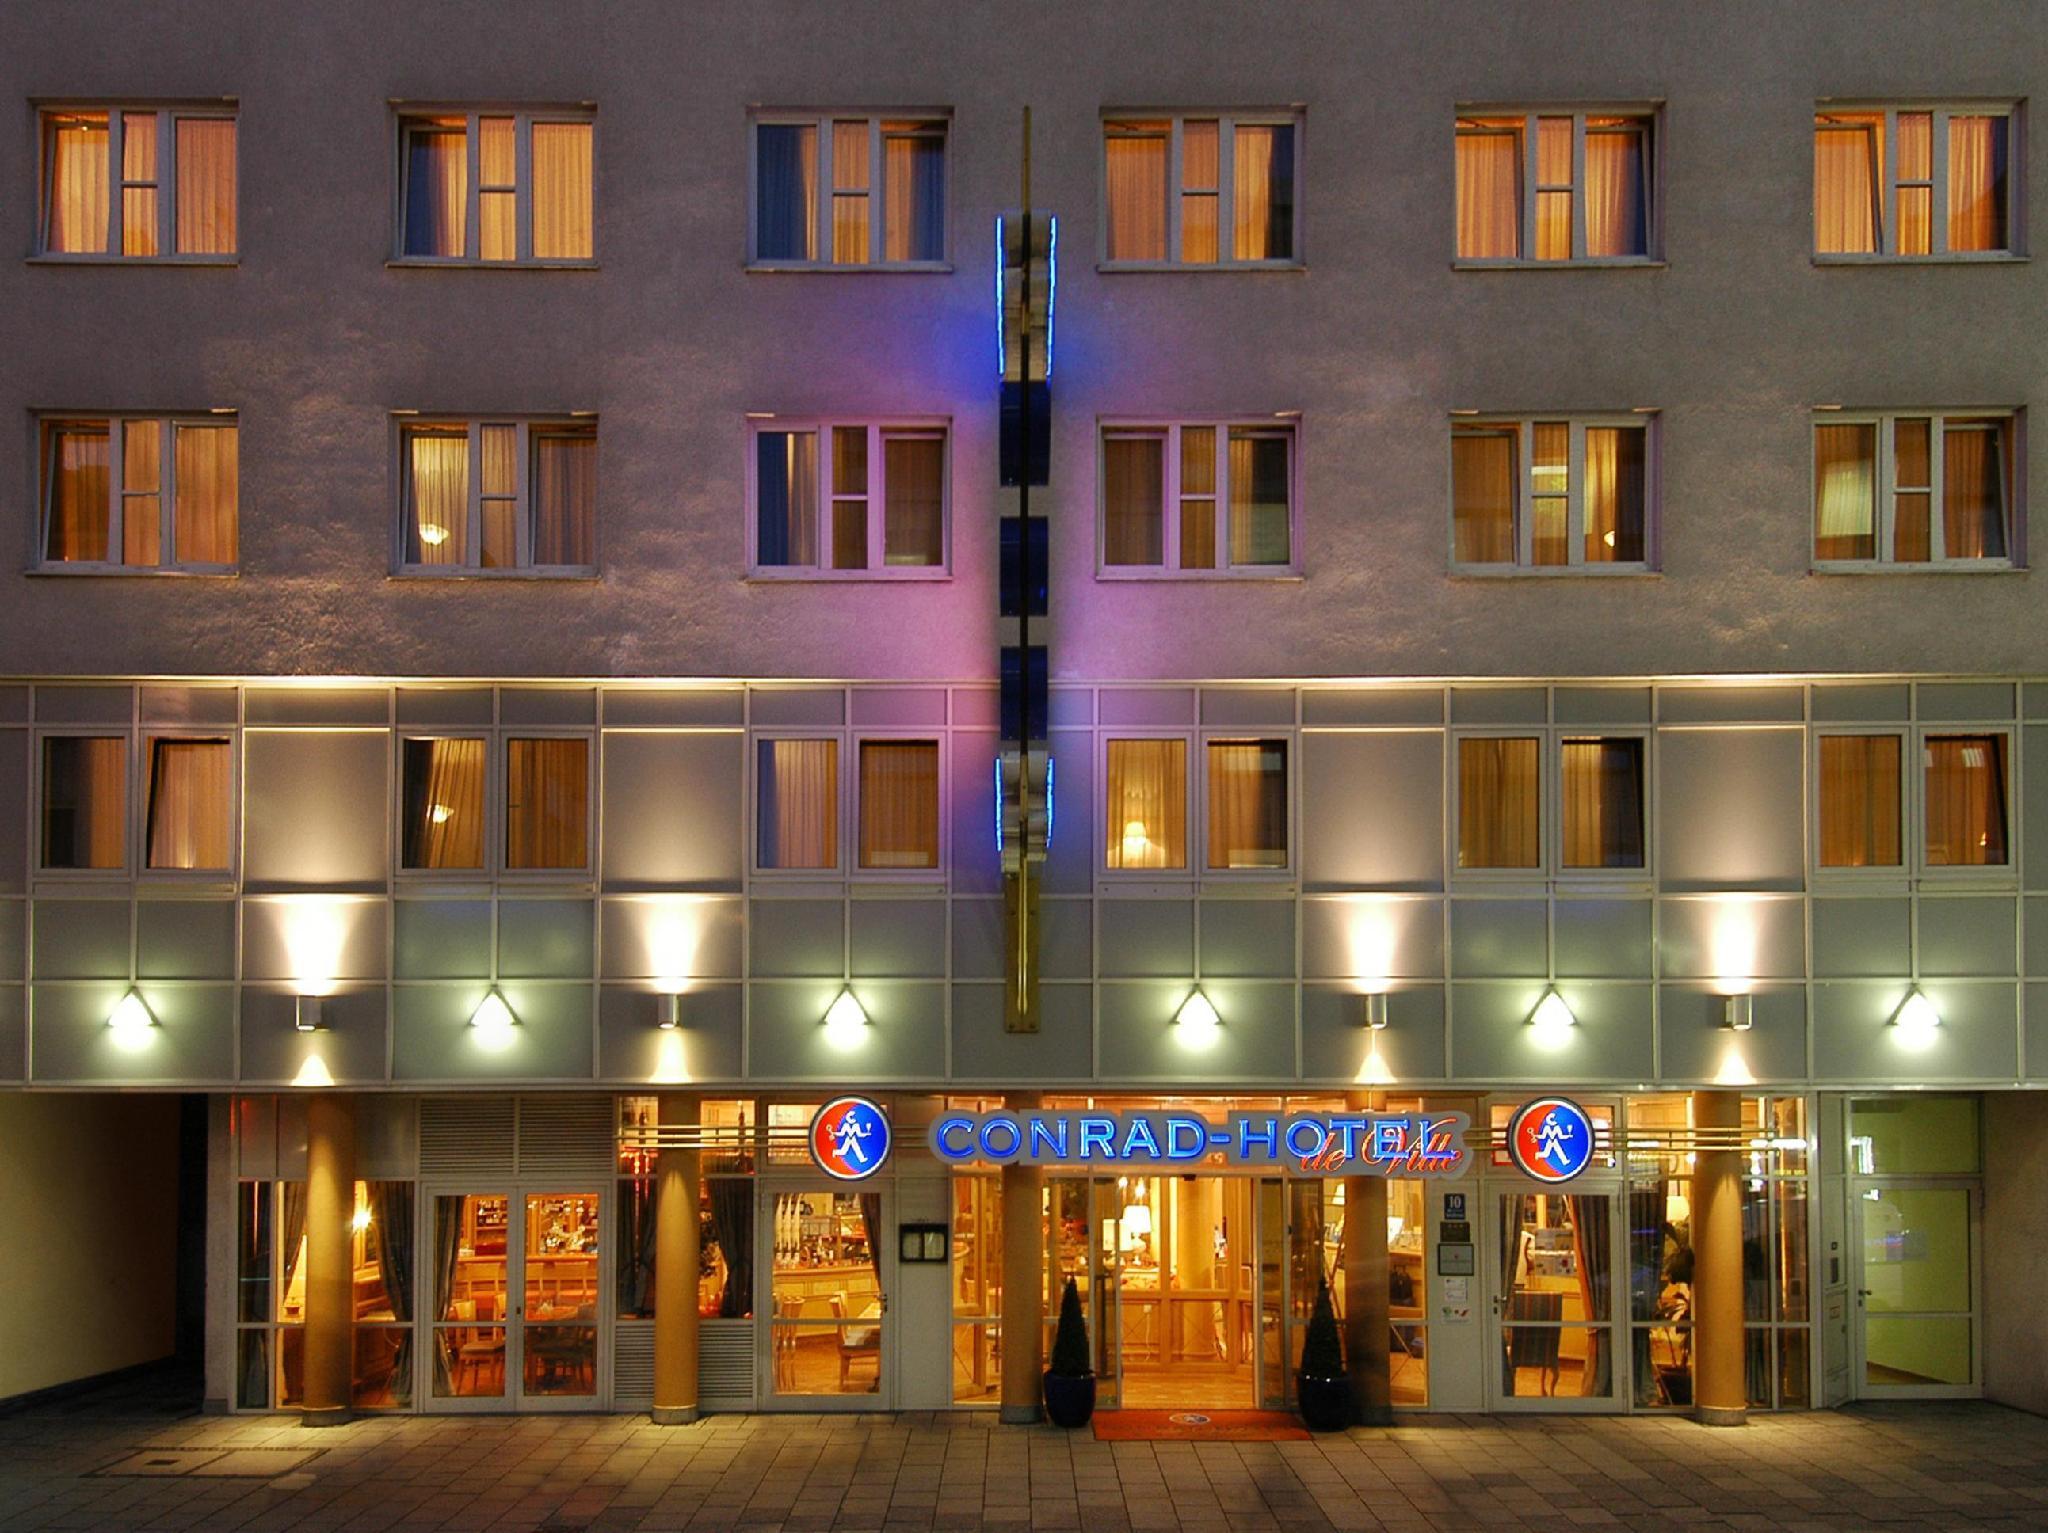 Best Price on CONRAD-HOTEL de Ville MÜNCHEN in Munich + Reviews